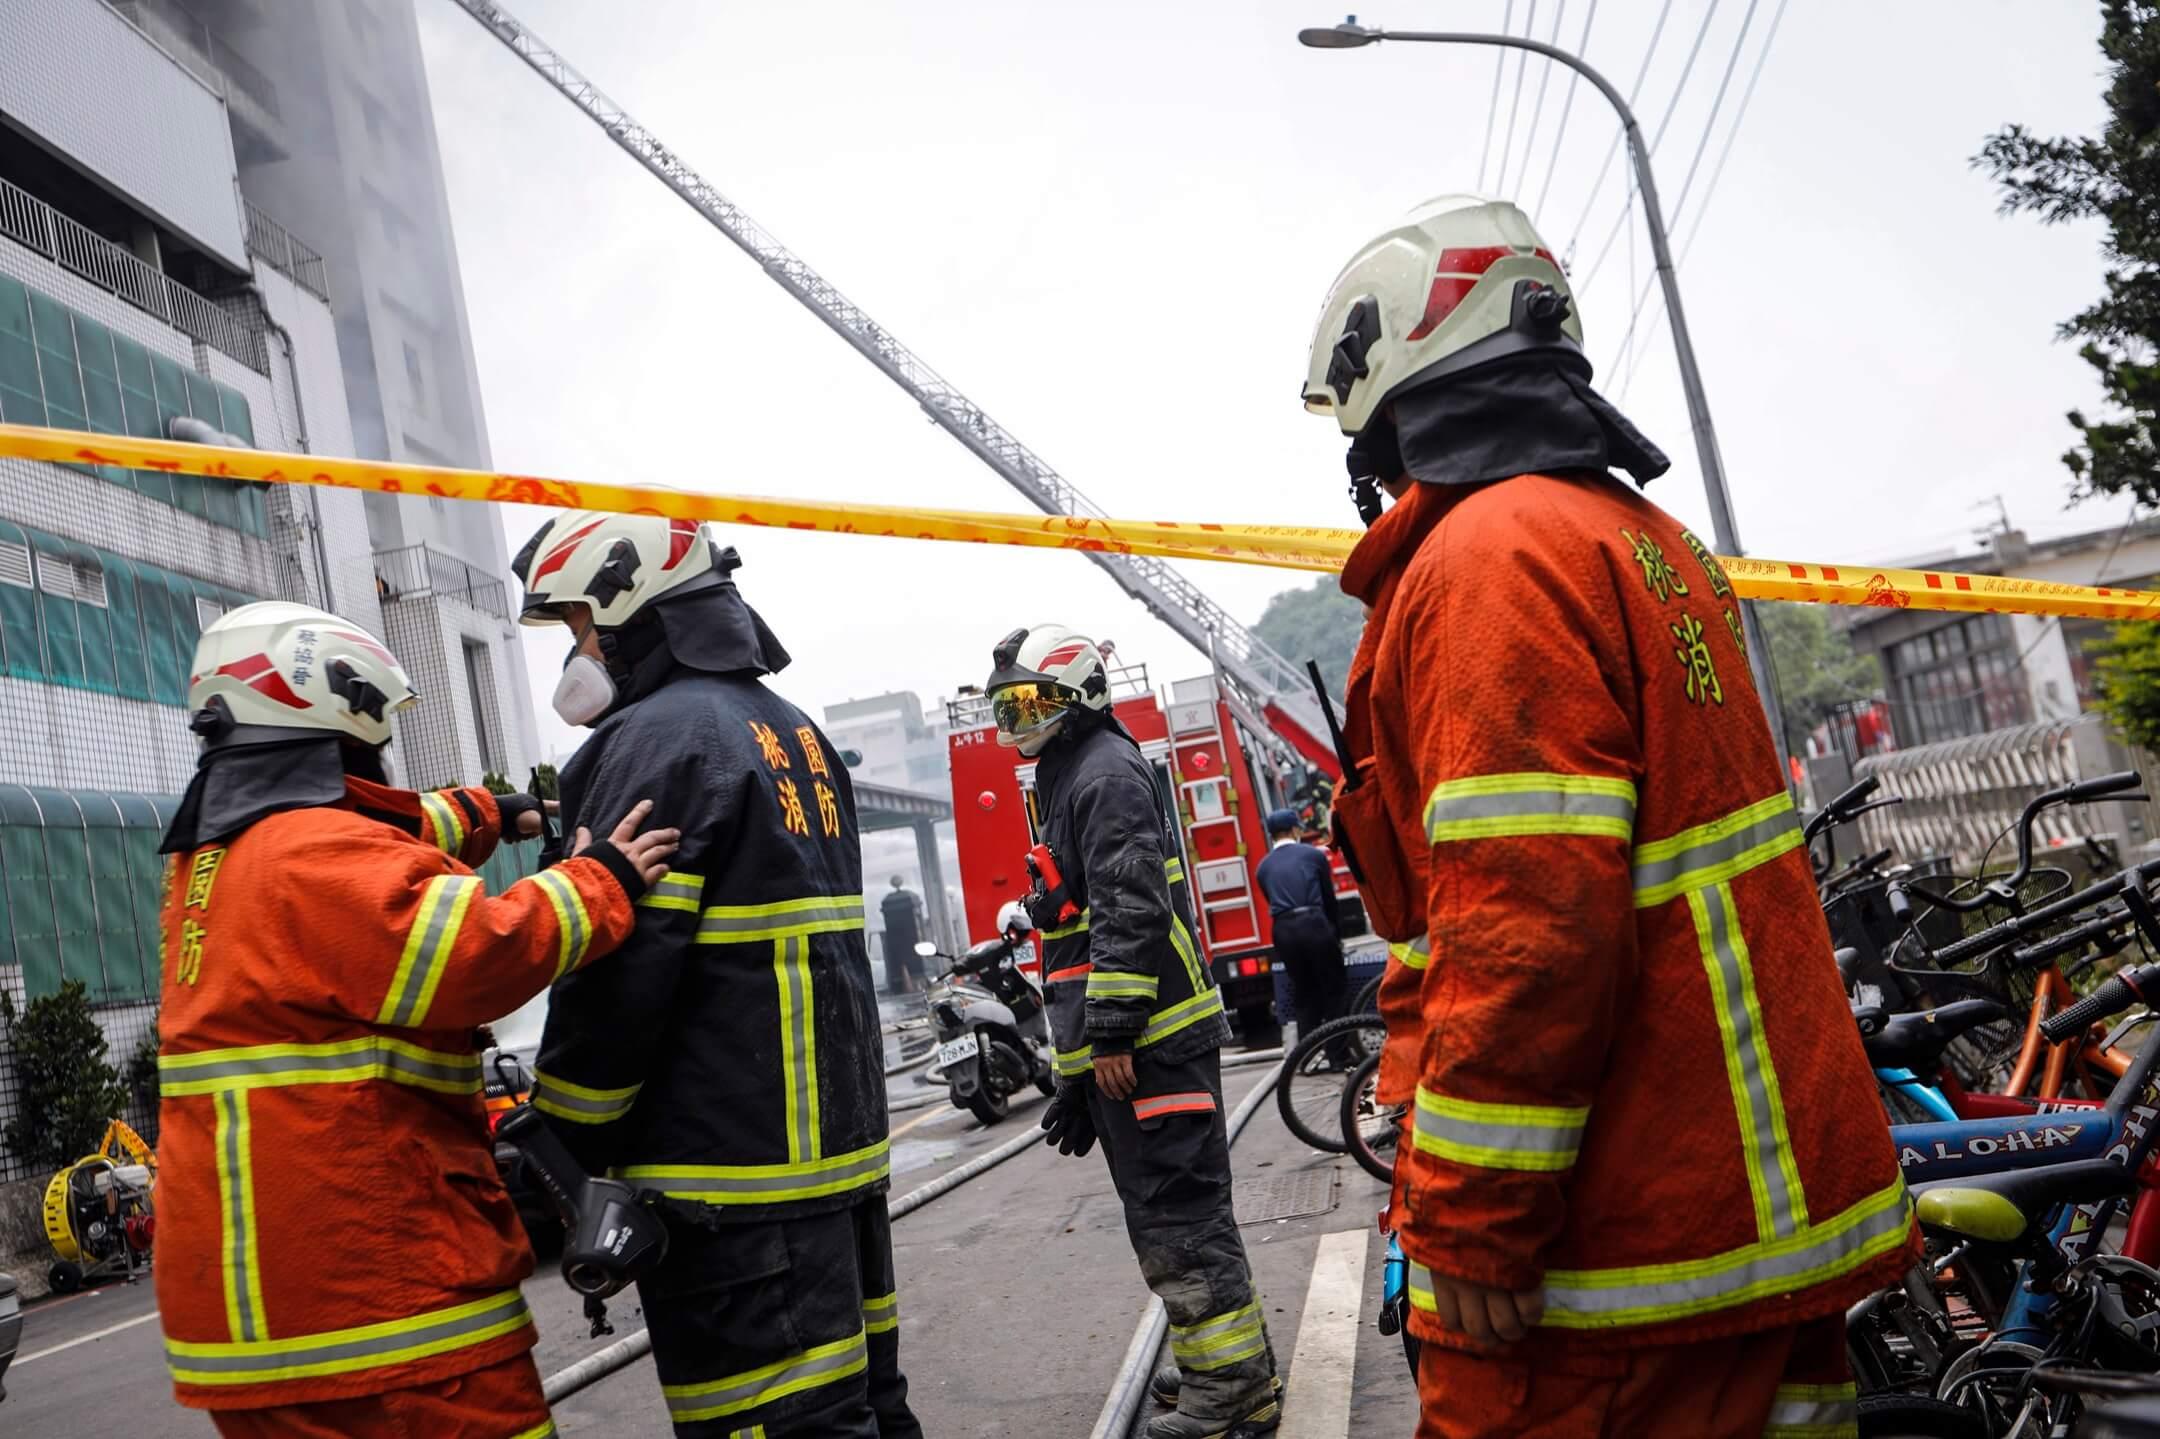 2018年4月29日,台北桃園市平鎮區敬鵬工廠大廈發生大火,造成5名消防員殉職,兩人重傷。 攝:端傳媒